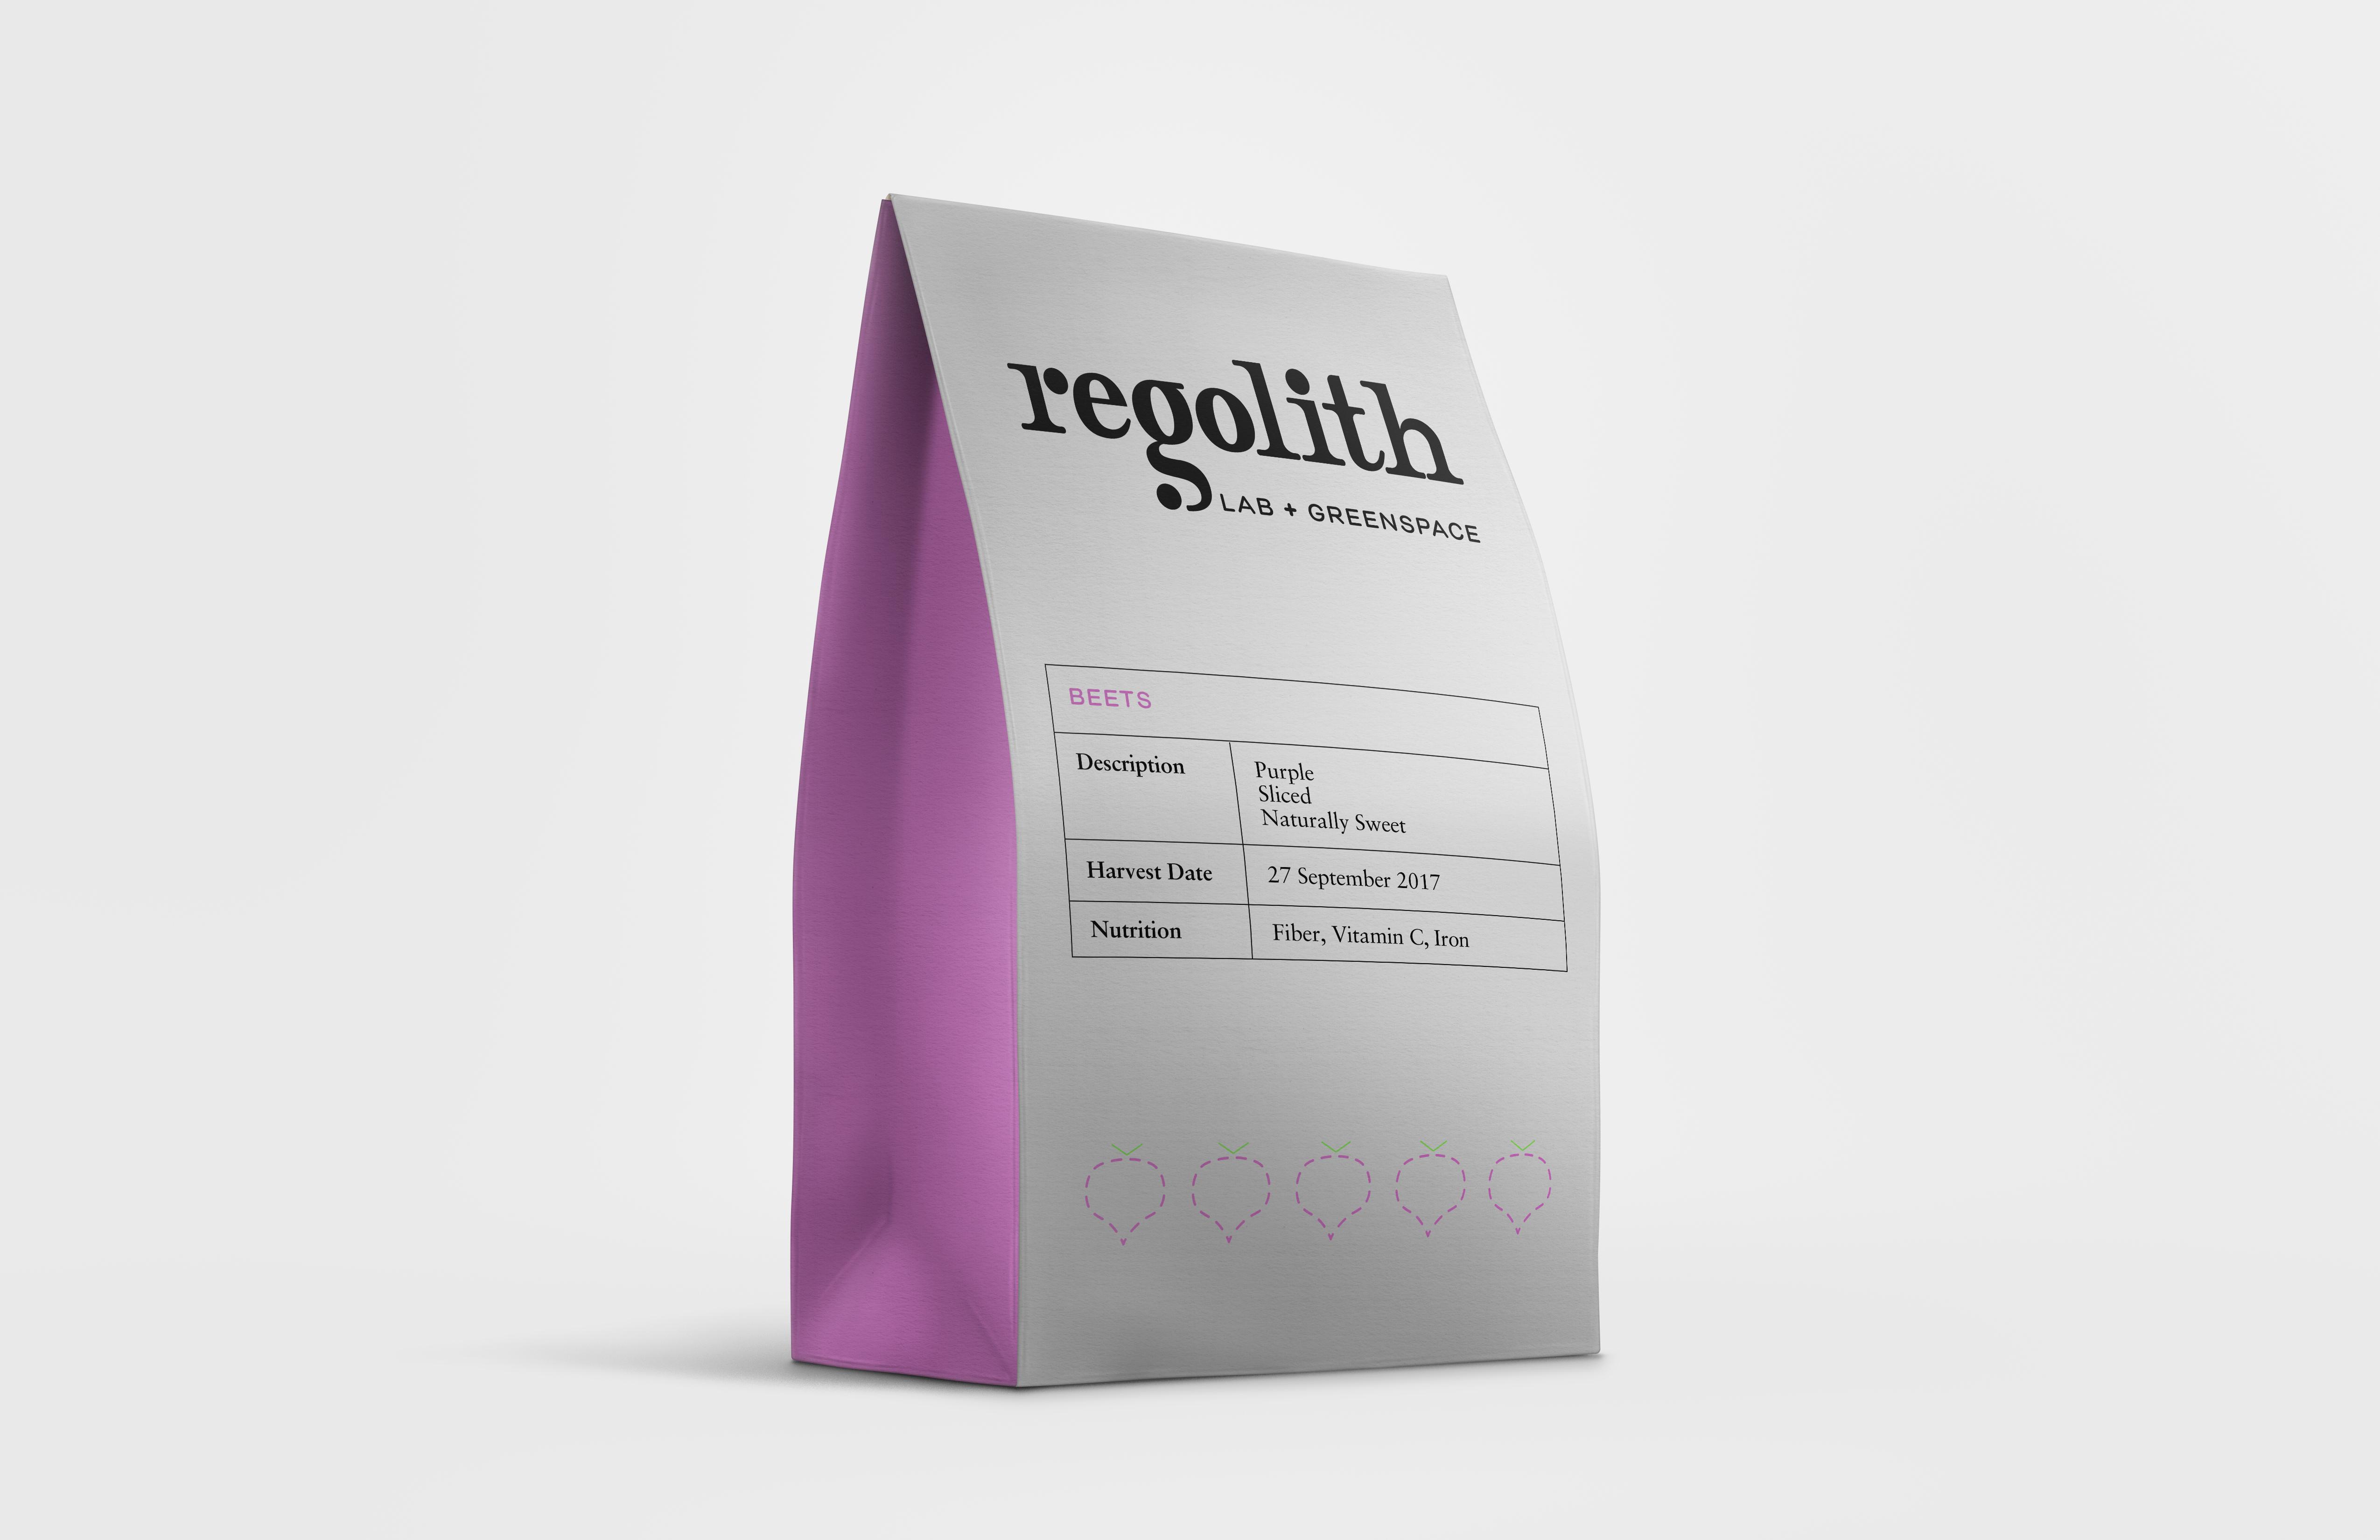 Regolith_Beets_Silver